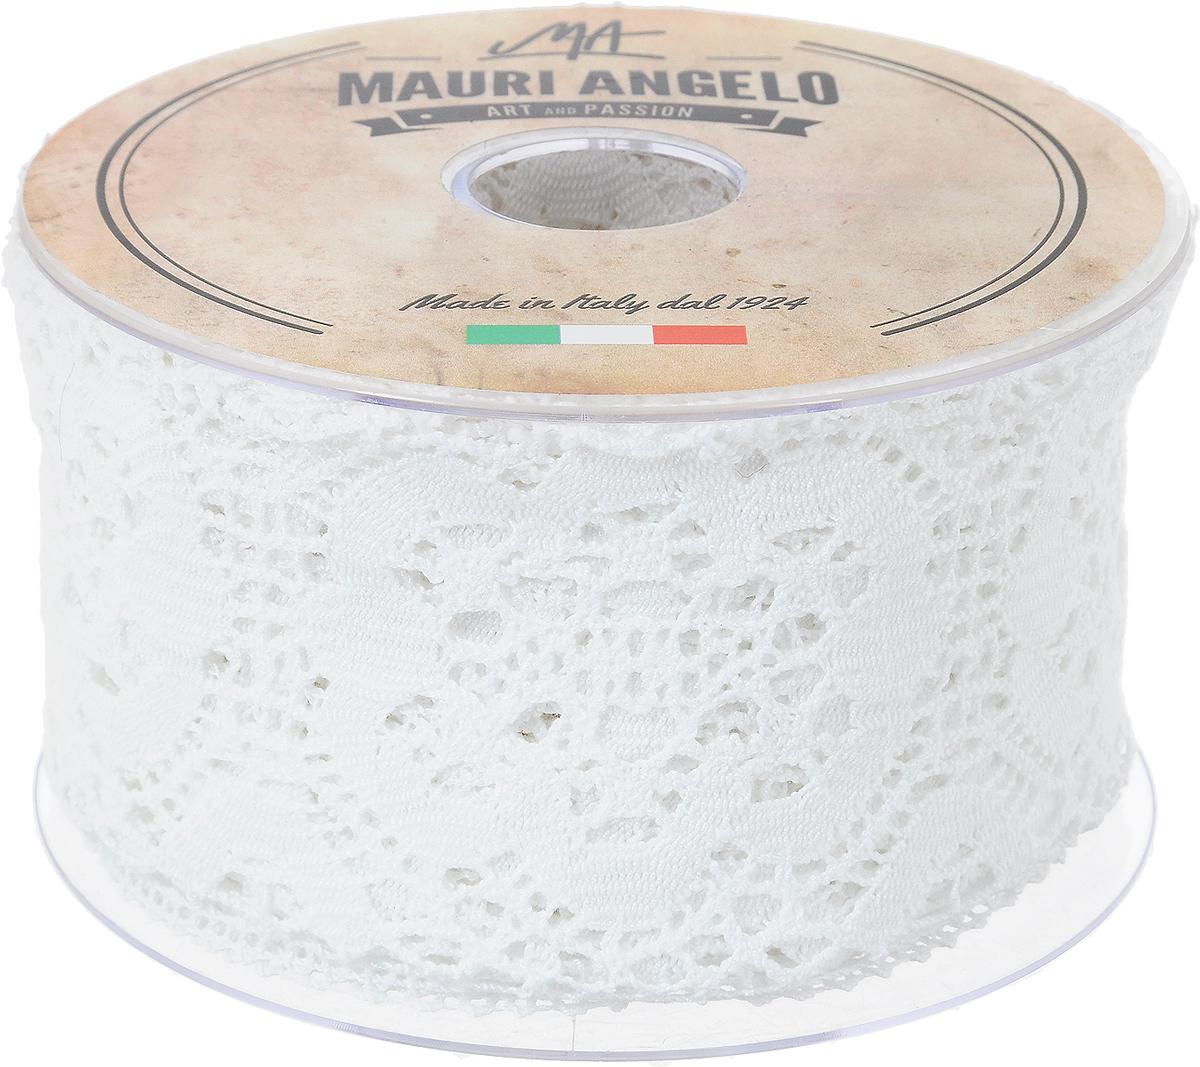 Лента кружевная Mauri Angelo, цвет: белый, 7,7 см х 10 мNLED-454-9W-BKДекоративная кружевная лента Mauri Angelo - текстильное изделие без тканой основы, в котором ажурный орнамент и изображения образуются в результате переплетения нитей. Кружево применяется для отделки одежды, белья в виде окаймления или вставок, а также в оформлении интерьера, декоративных панно, скатертей, тюлей, покрывал. Главные особенности кружева - воздушность, тонкость, эластичность, узорность.Декоративная кружевная лента Mauri Angelo станет незаменимым элементом в создании рукотворного шедевра. Ширина: 7,7 см.Длина: 10 м.